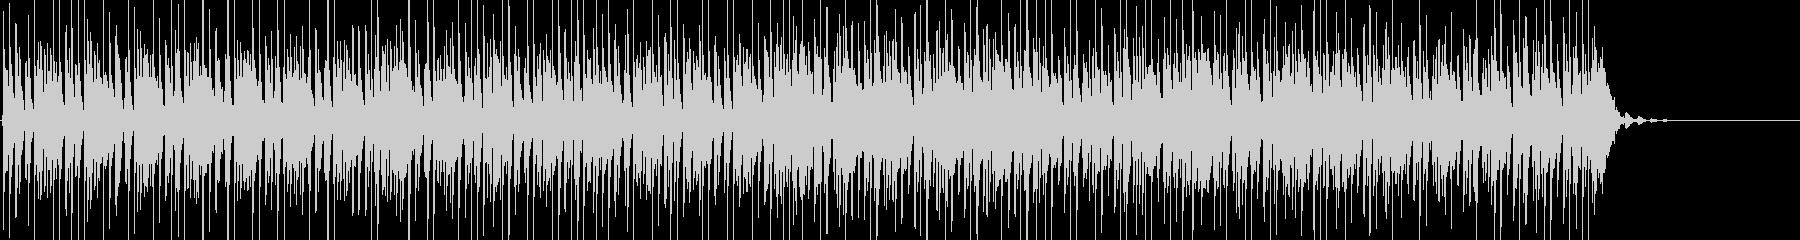 ピアノロック、おしゃれなブルースBGMの未再生の波形